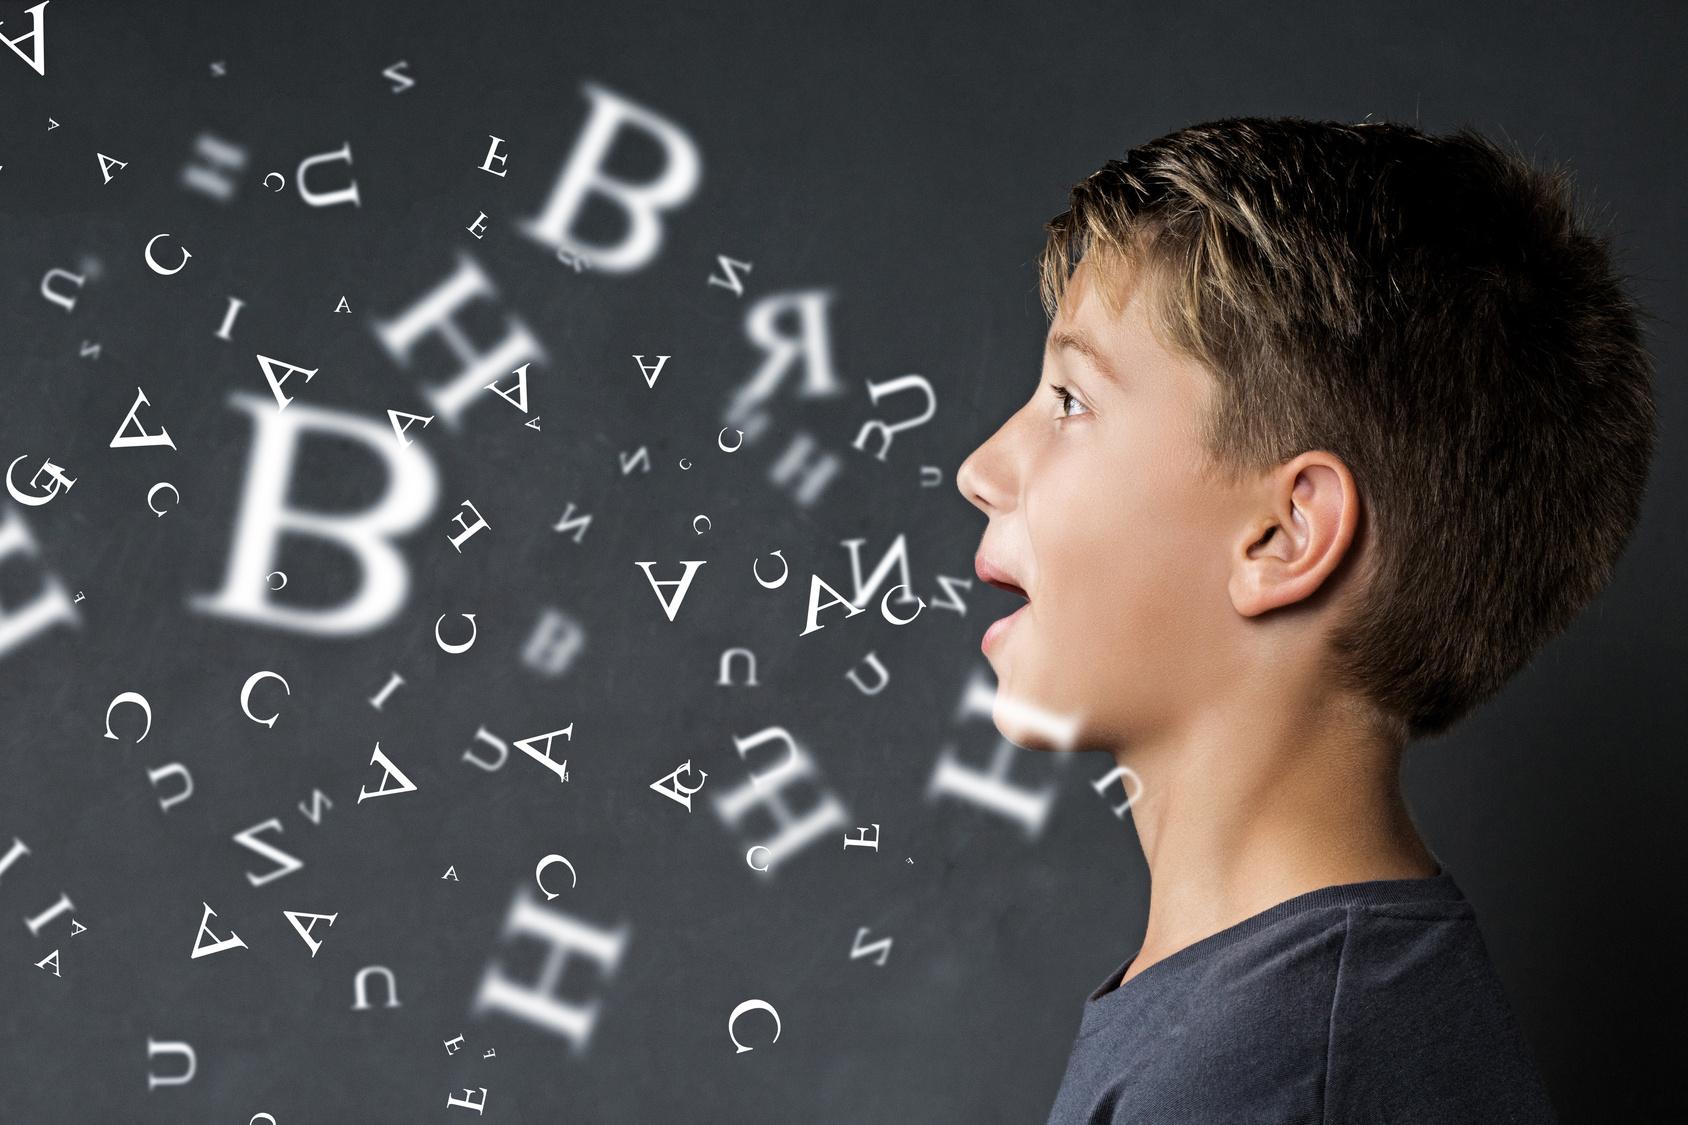 Bild mit einem Jungen und Text: Symbolbil für Logopädie